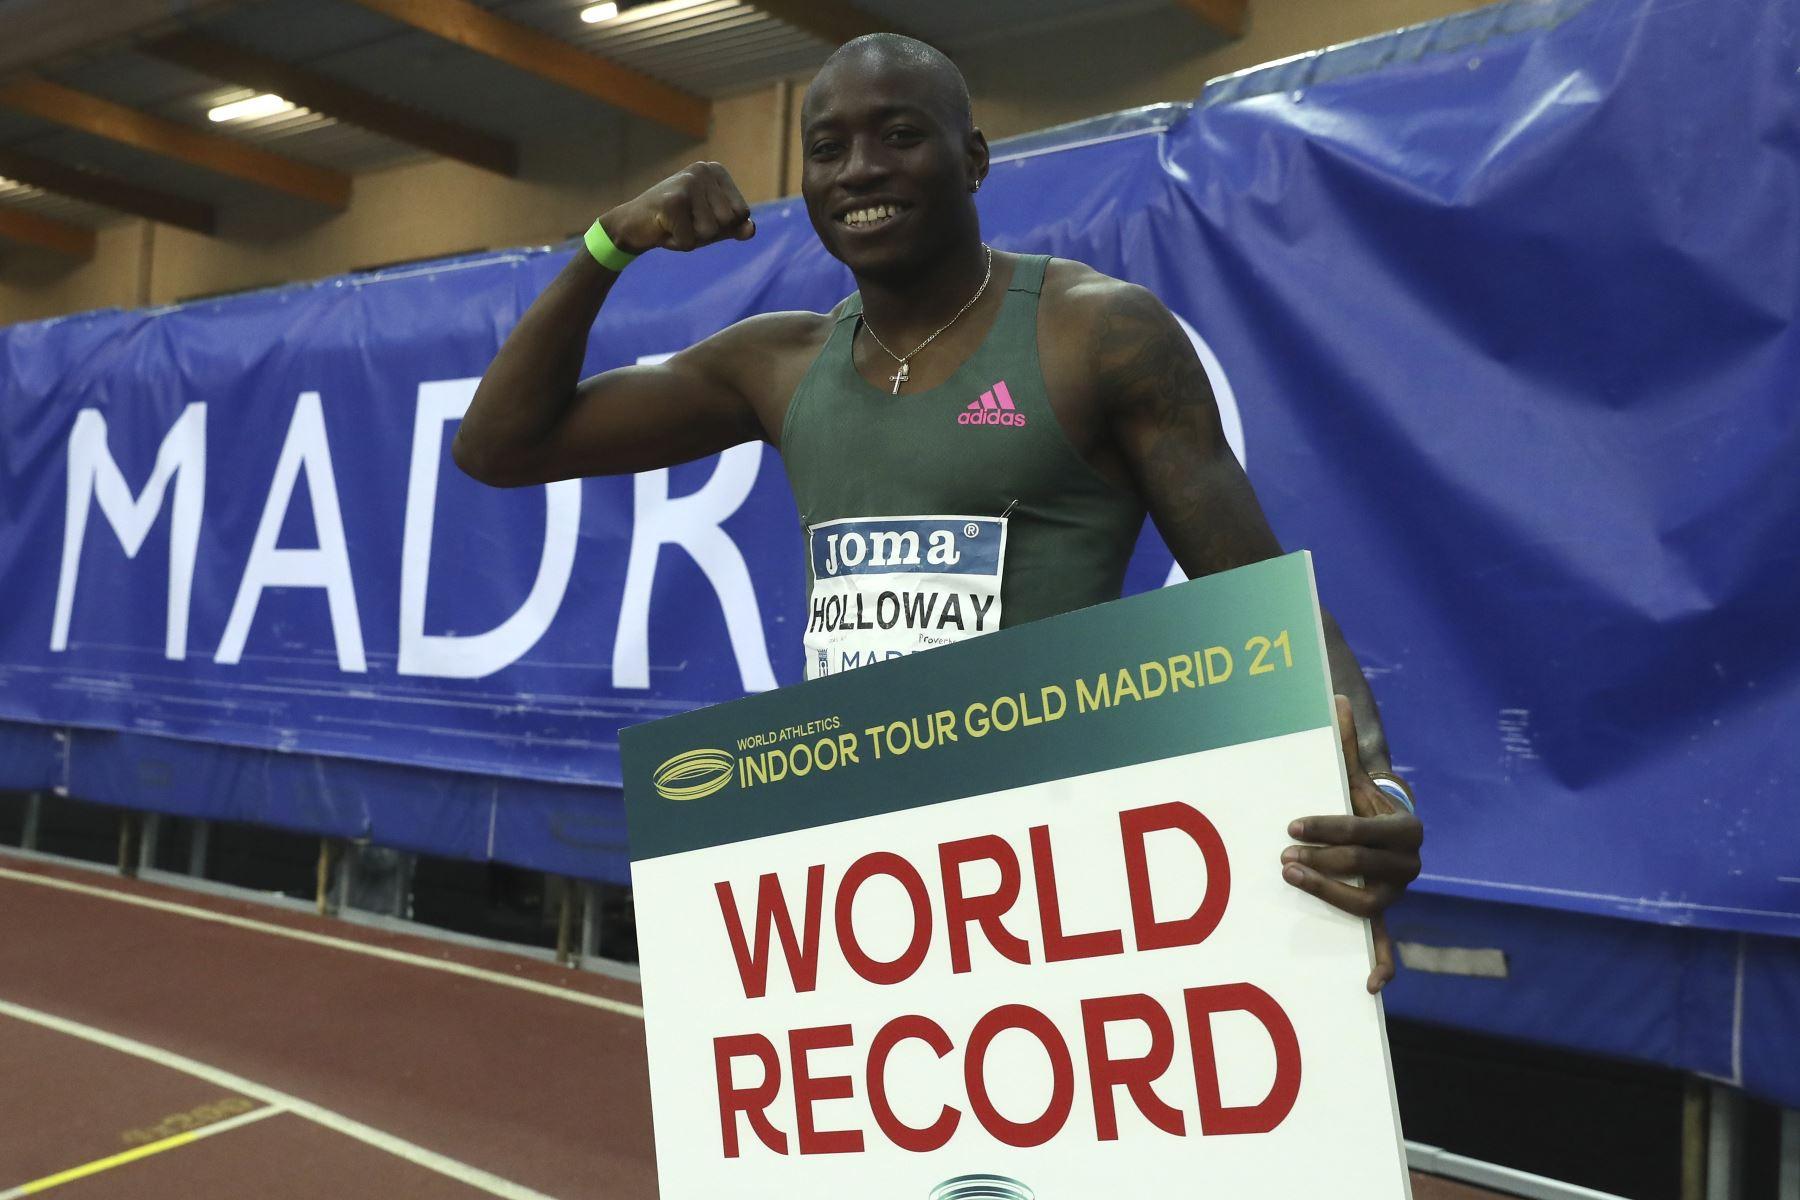 El atleta estadounidense Grant Holloway posa tras haber batido el récord mundial de los 60 metros vallas logrado en la Reunión Internacional de Atletismo Villa de Madrid 2021. Foto: EFE